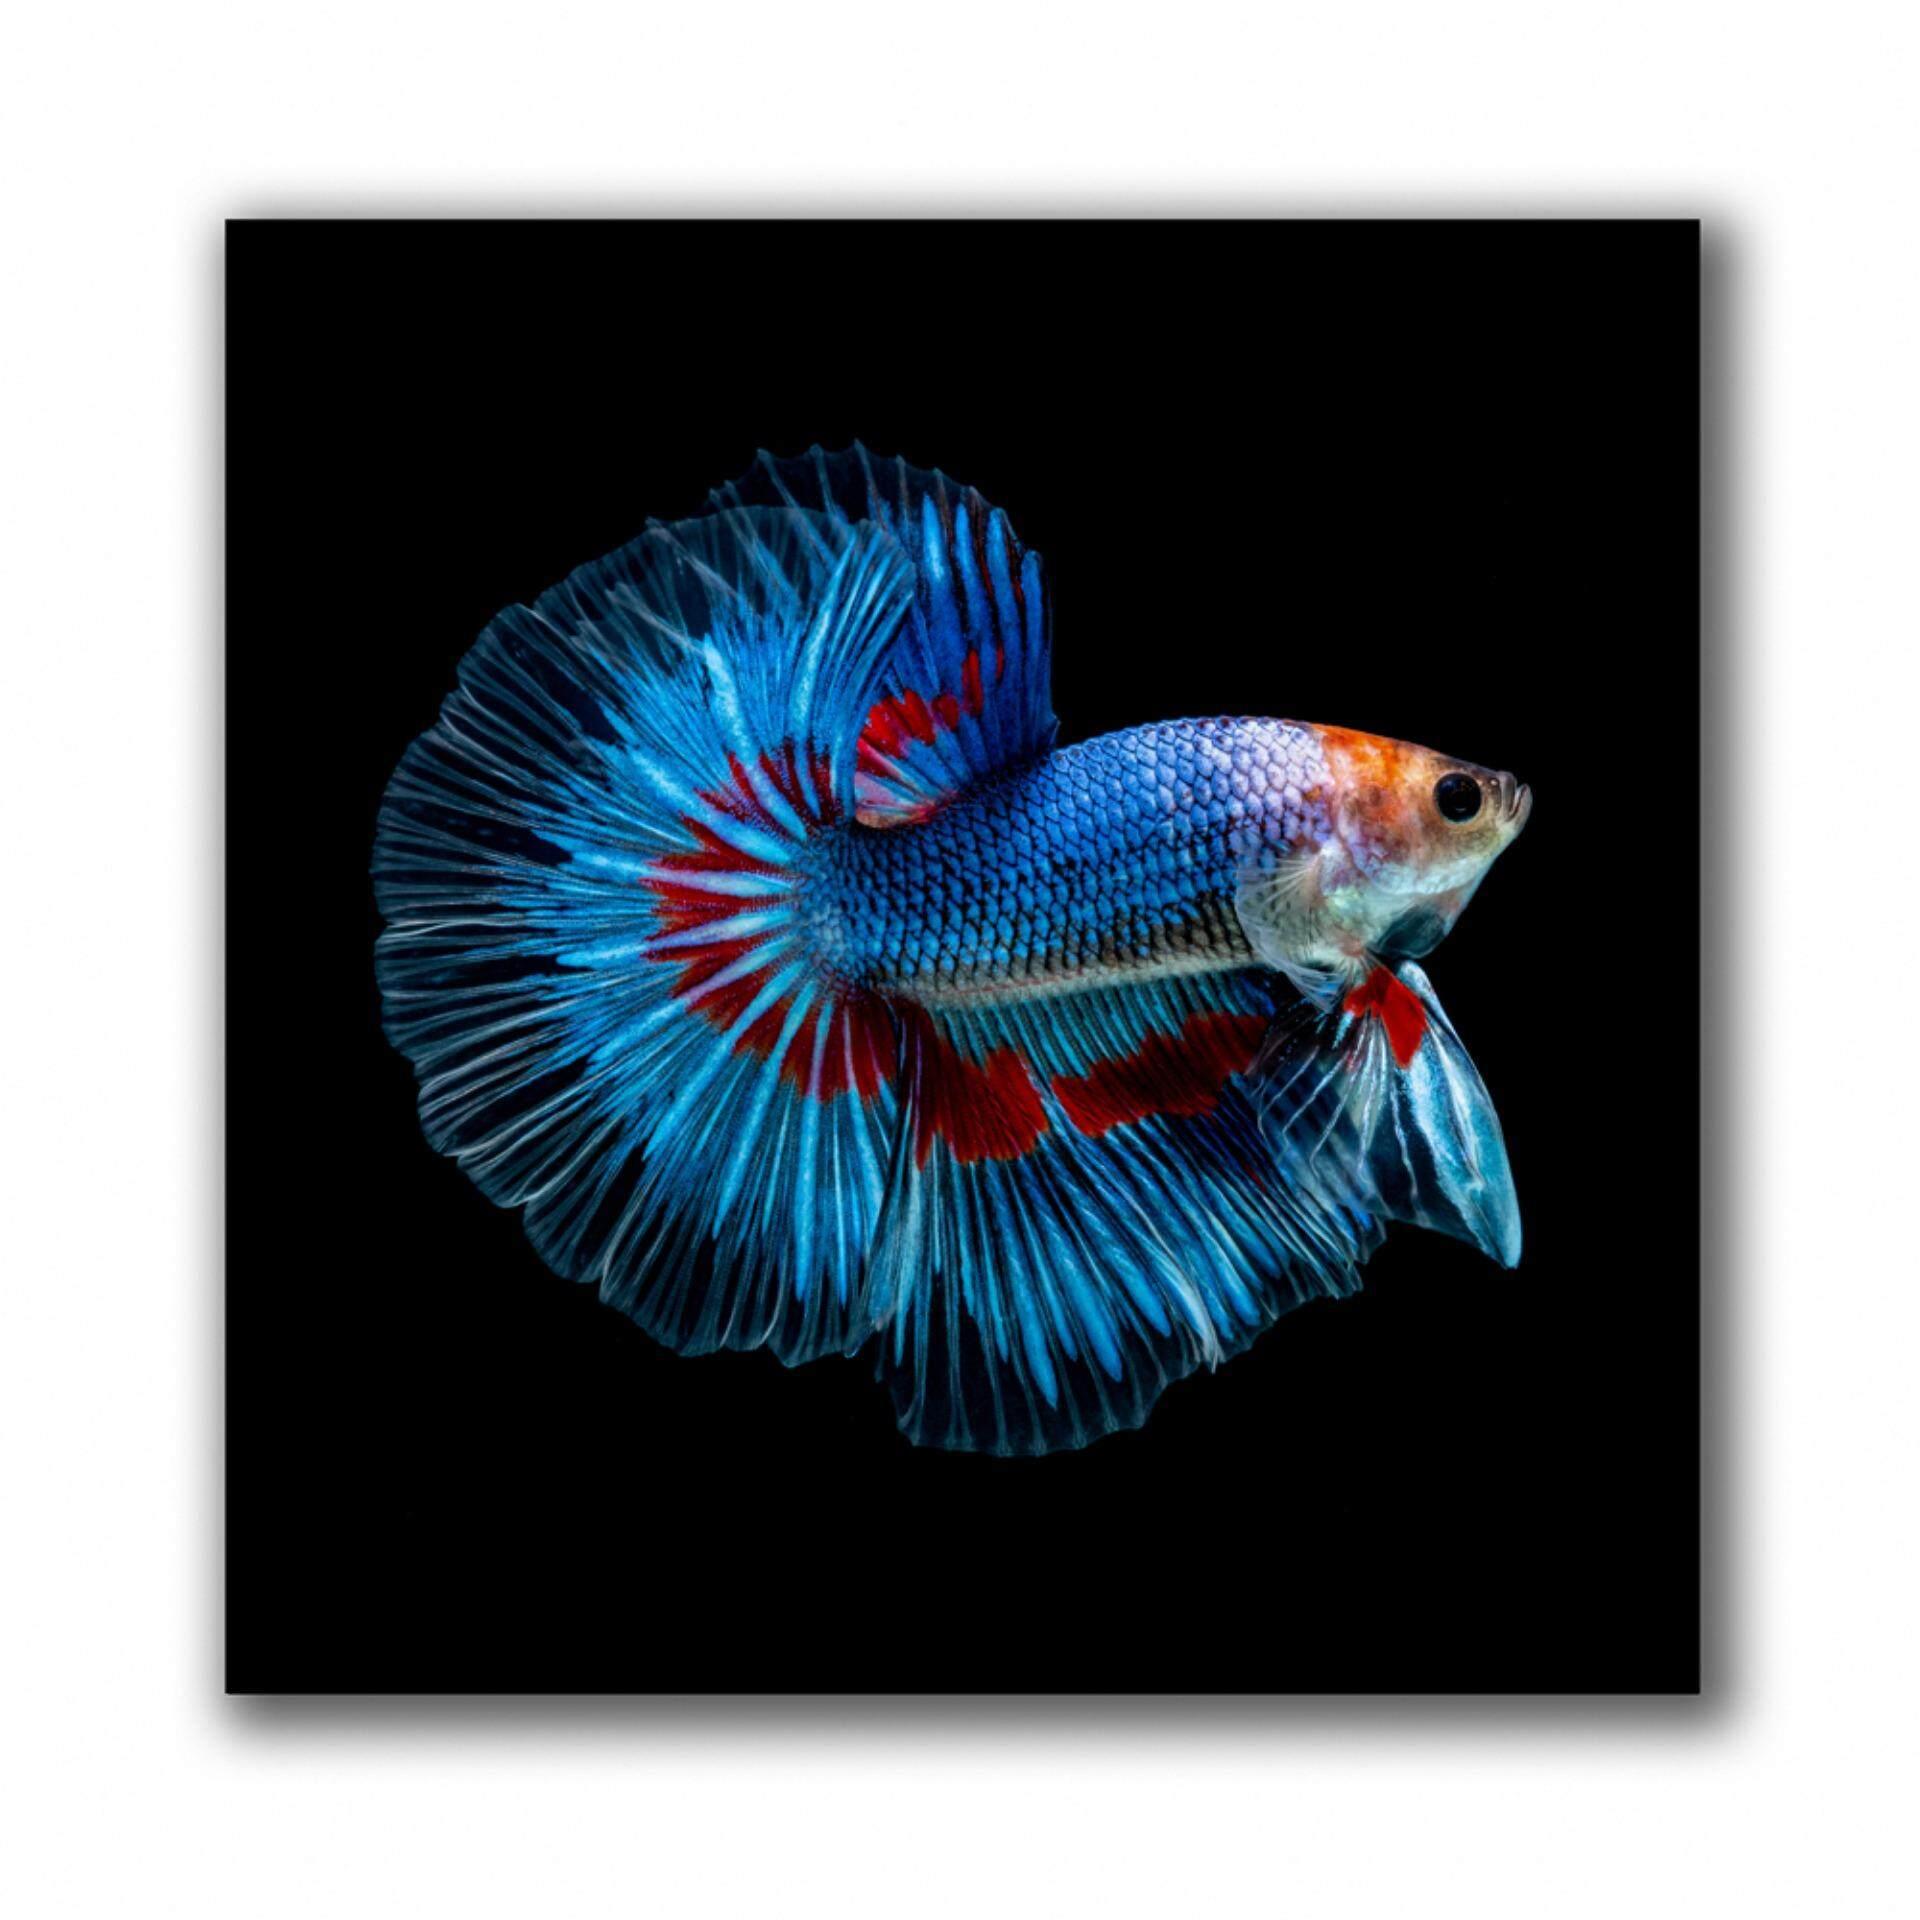 กรอบรูป กรอบลอย ภาพแต่งบ้าน กรอบรูปติดผนัง รูปภาพปลากัดสวยๆ จำนวน 1 ชิ้น.